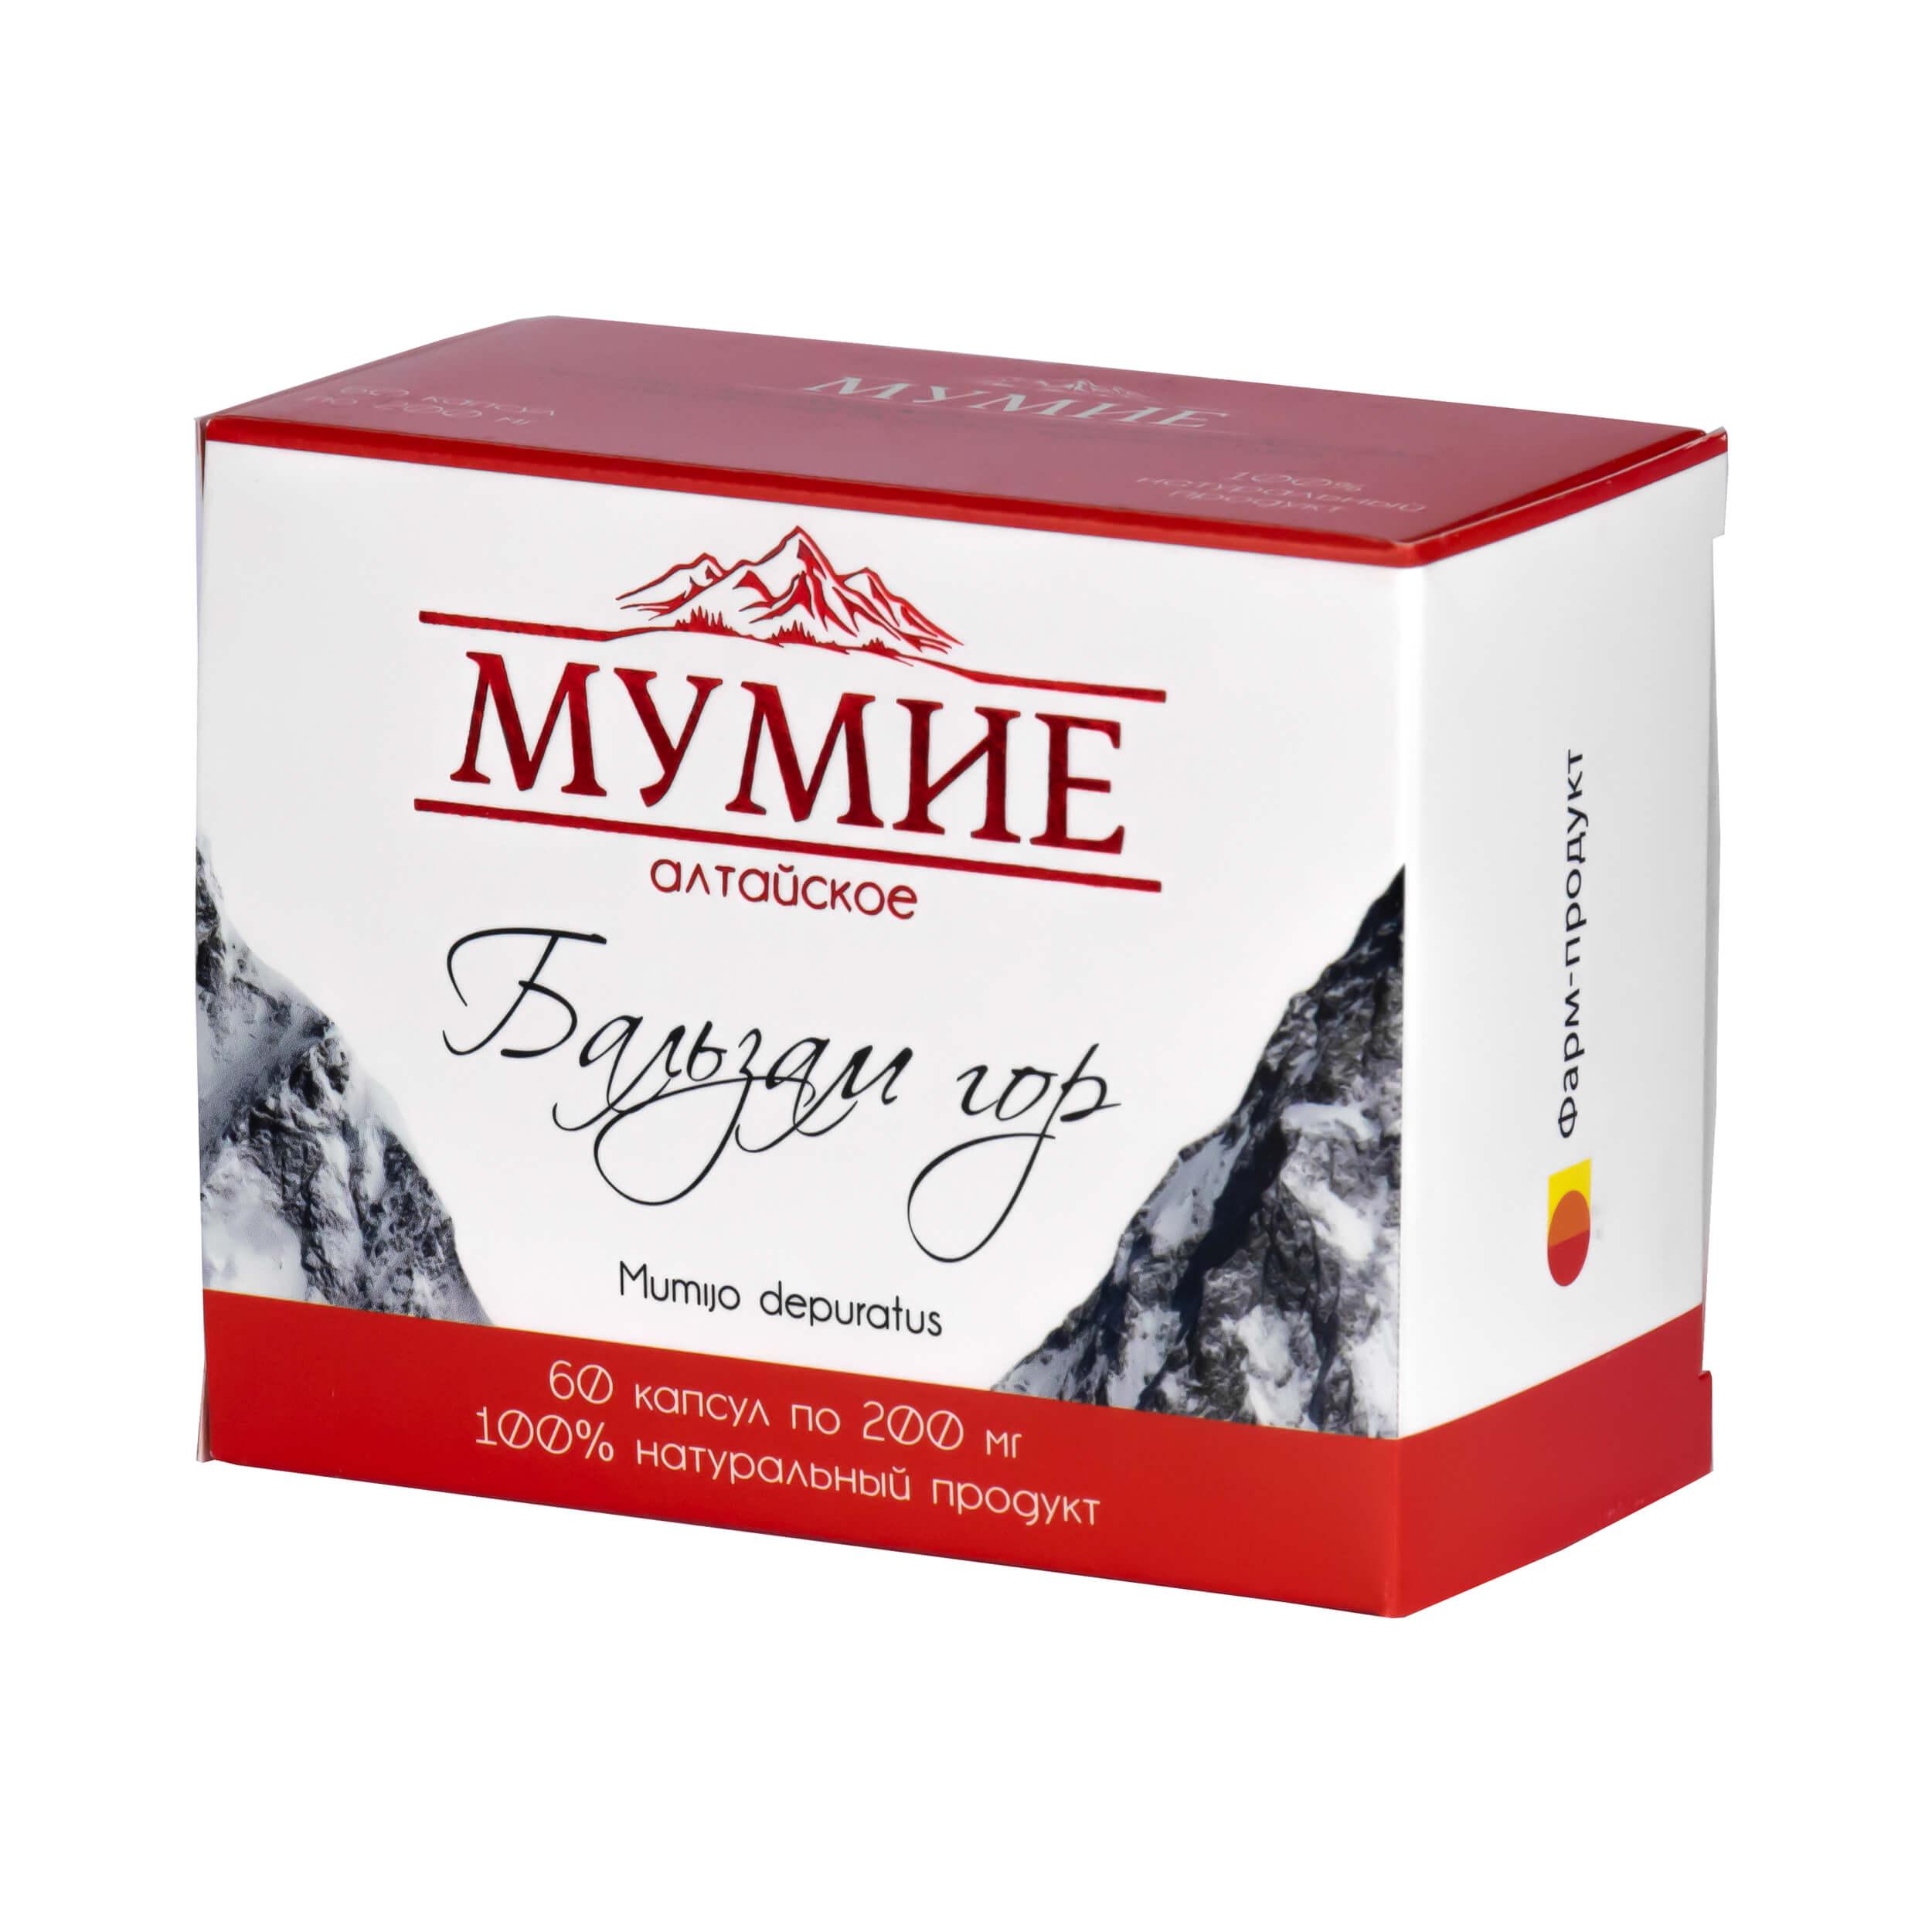 Мумие алтайское Бальзам гор (60 капсул) фото